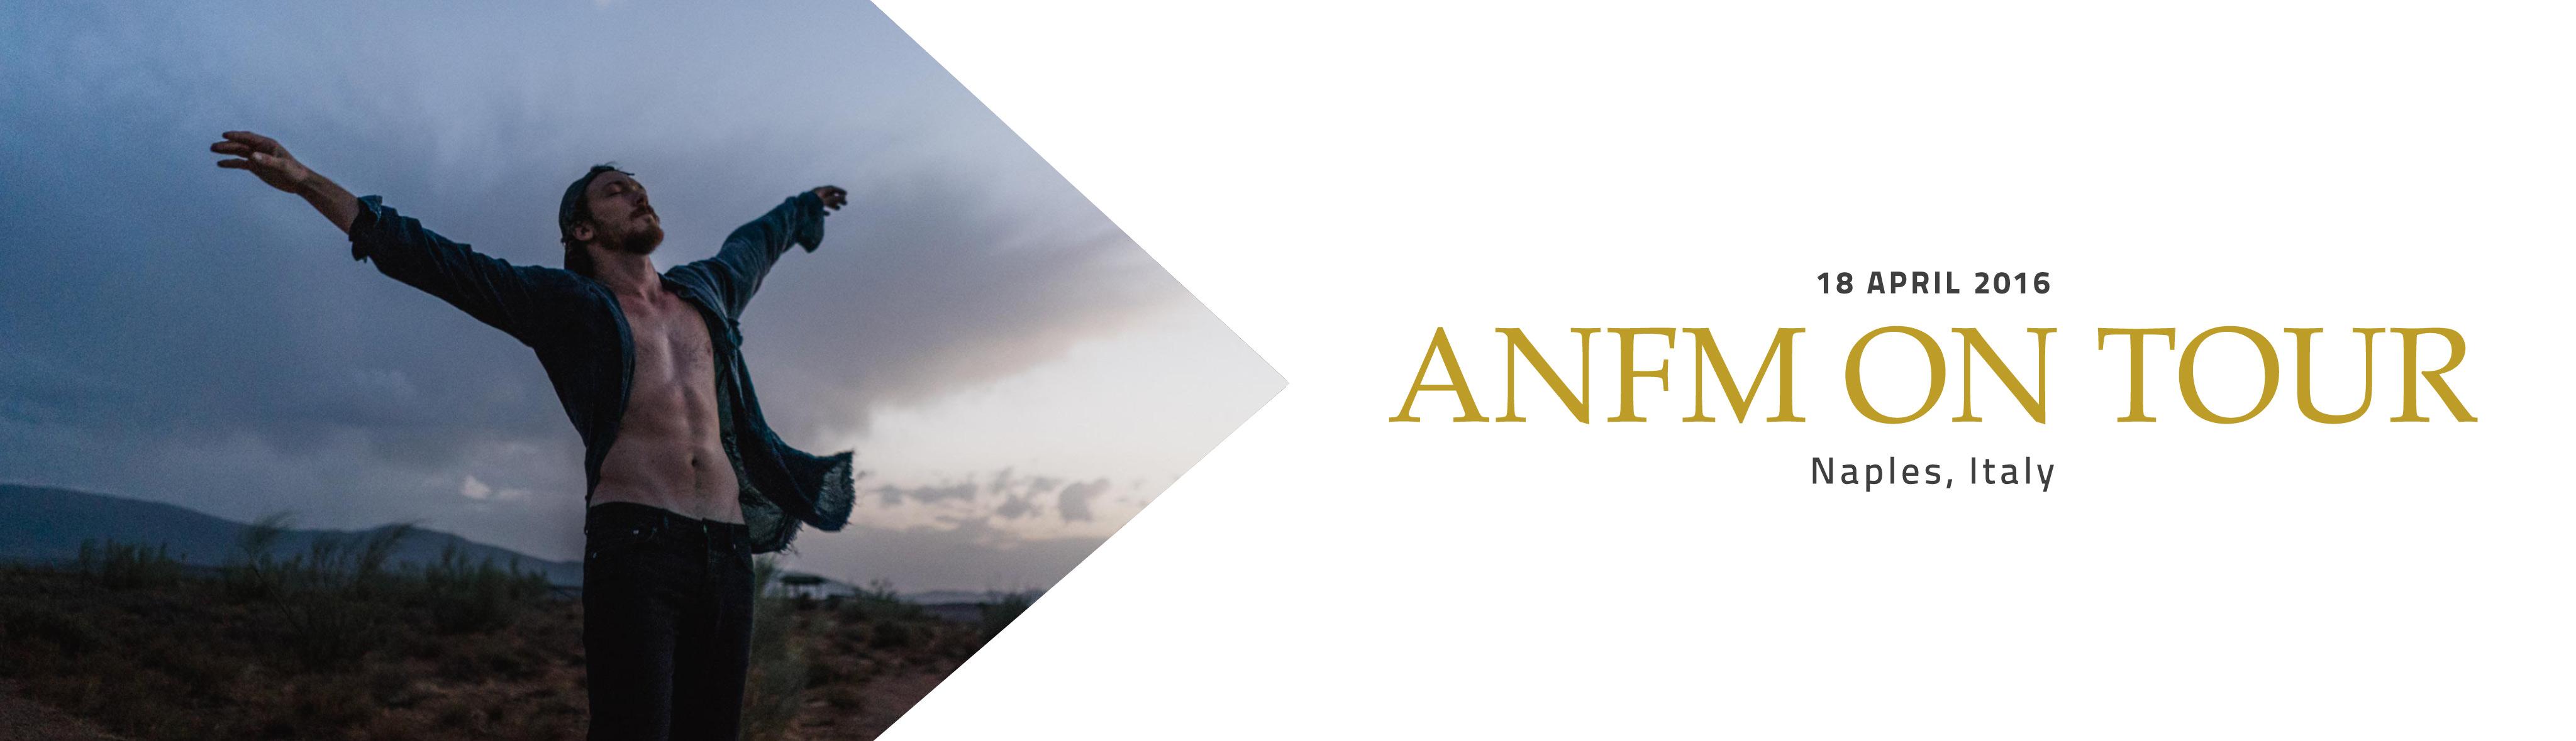 ANFM Associazione Nazionale Fotografi Matrimonio Italiani in Tour